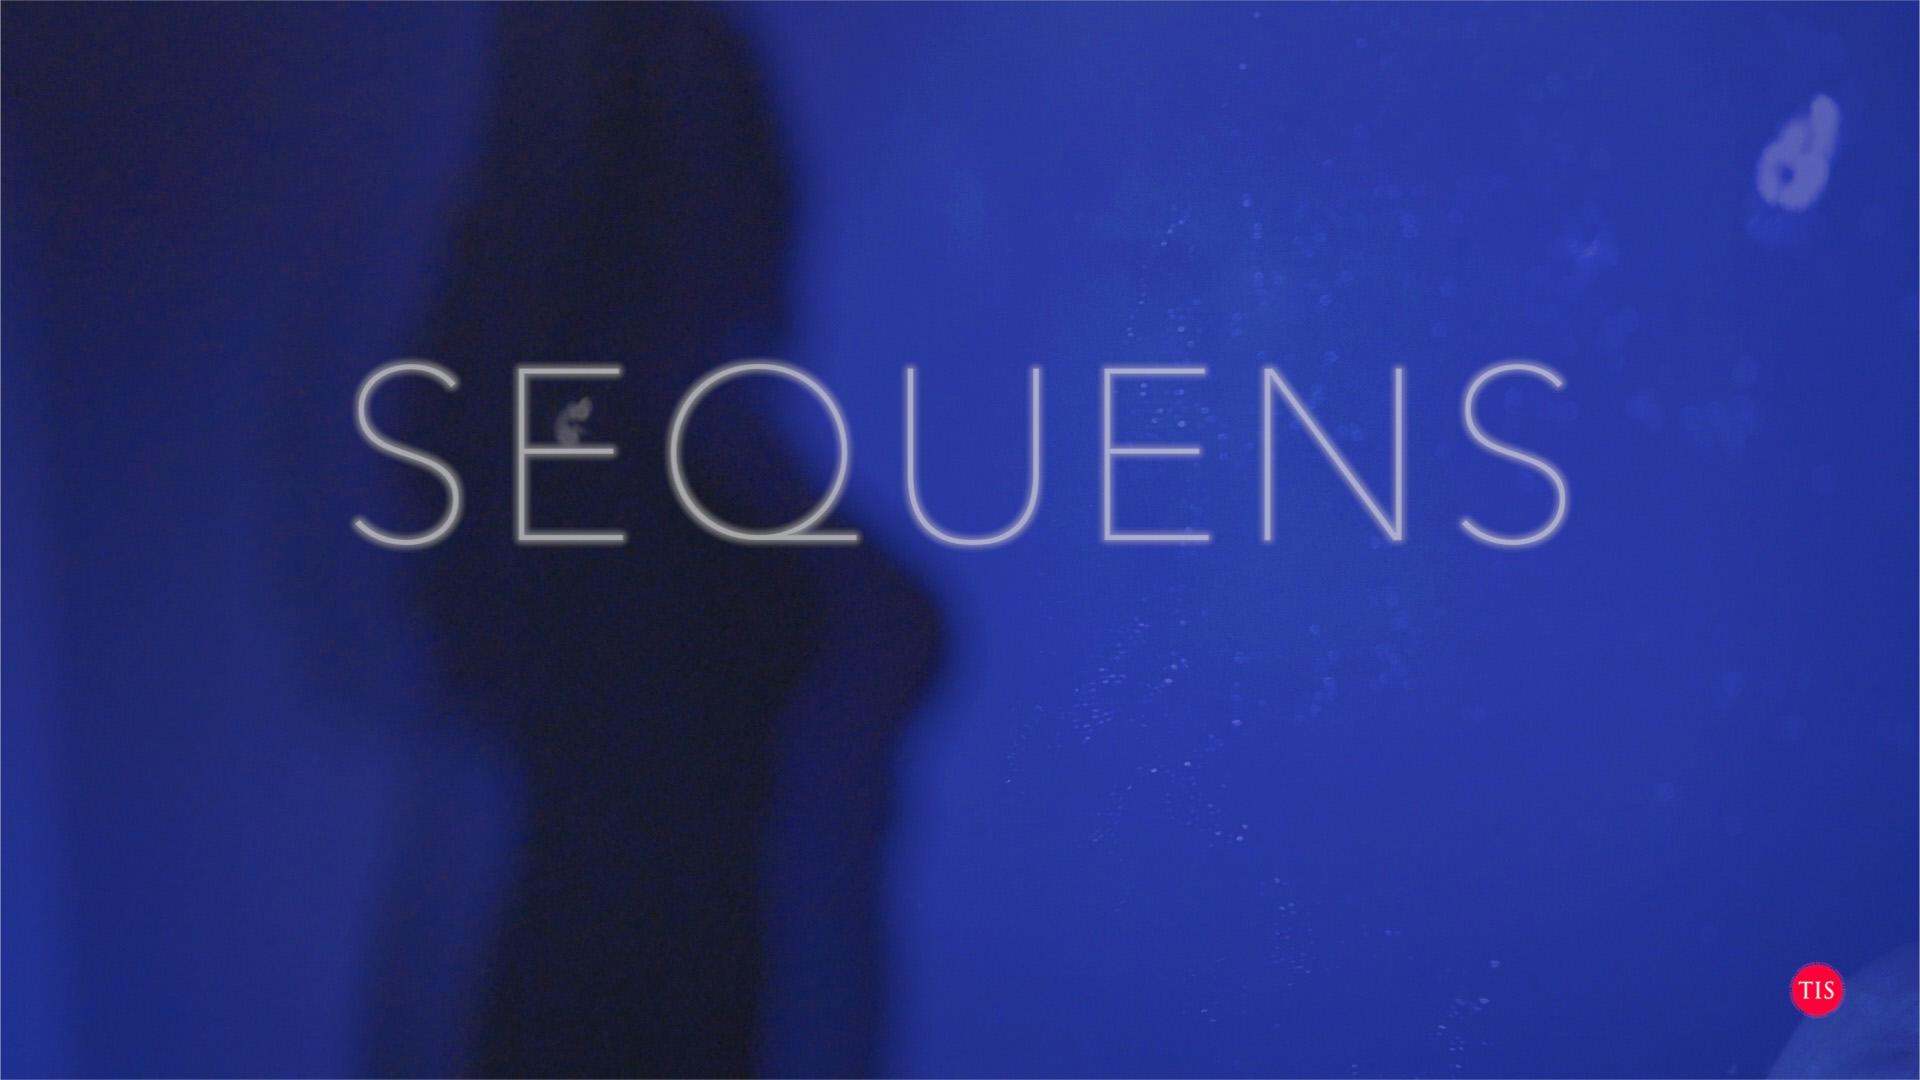 Sequens_02.jpg